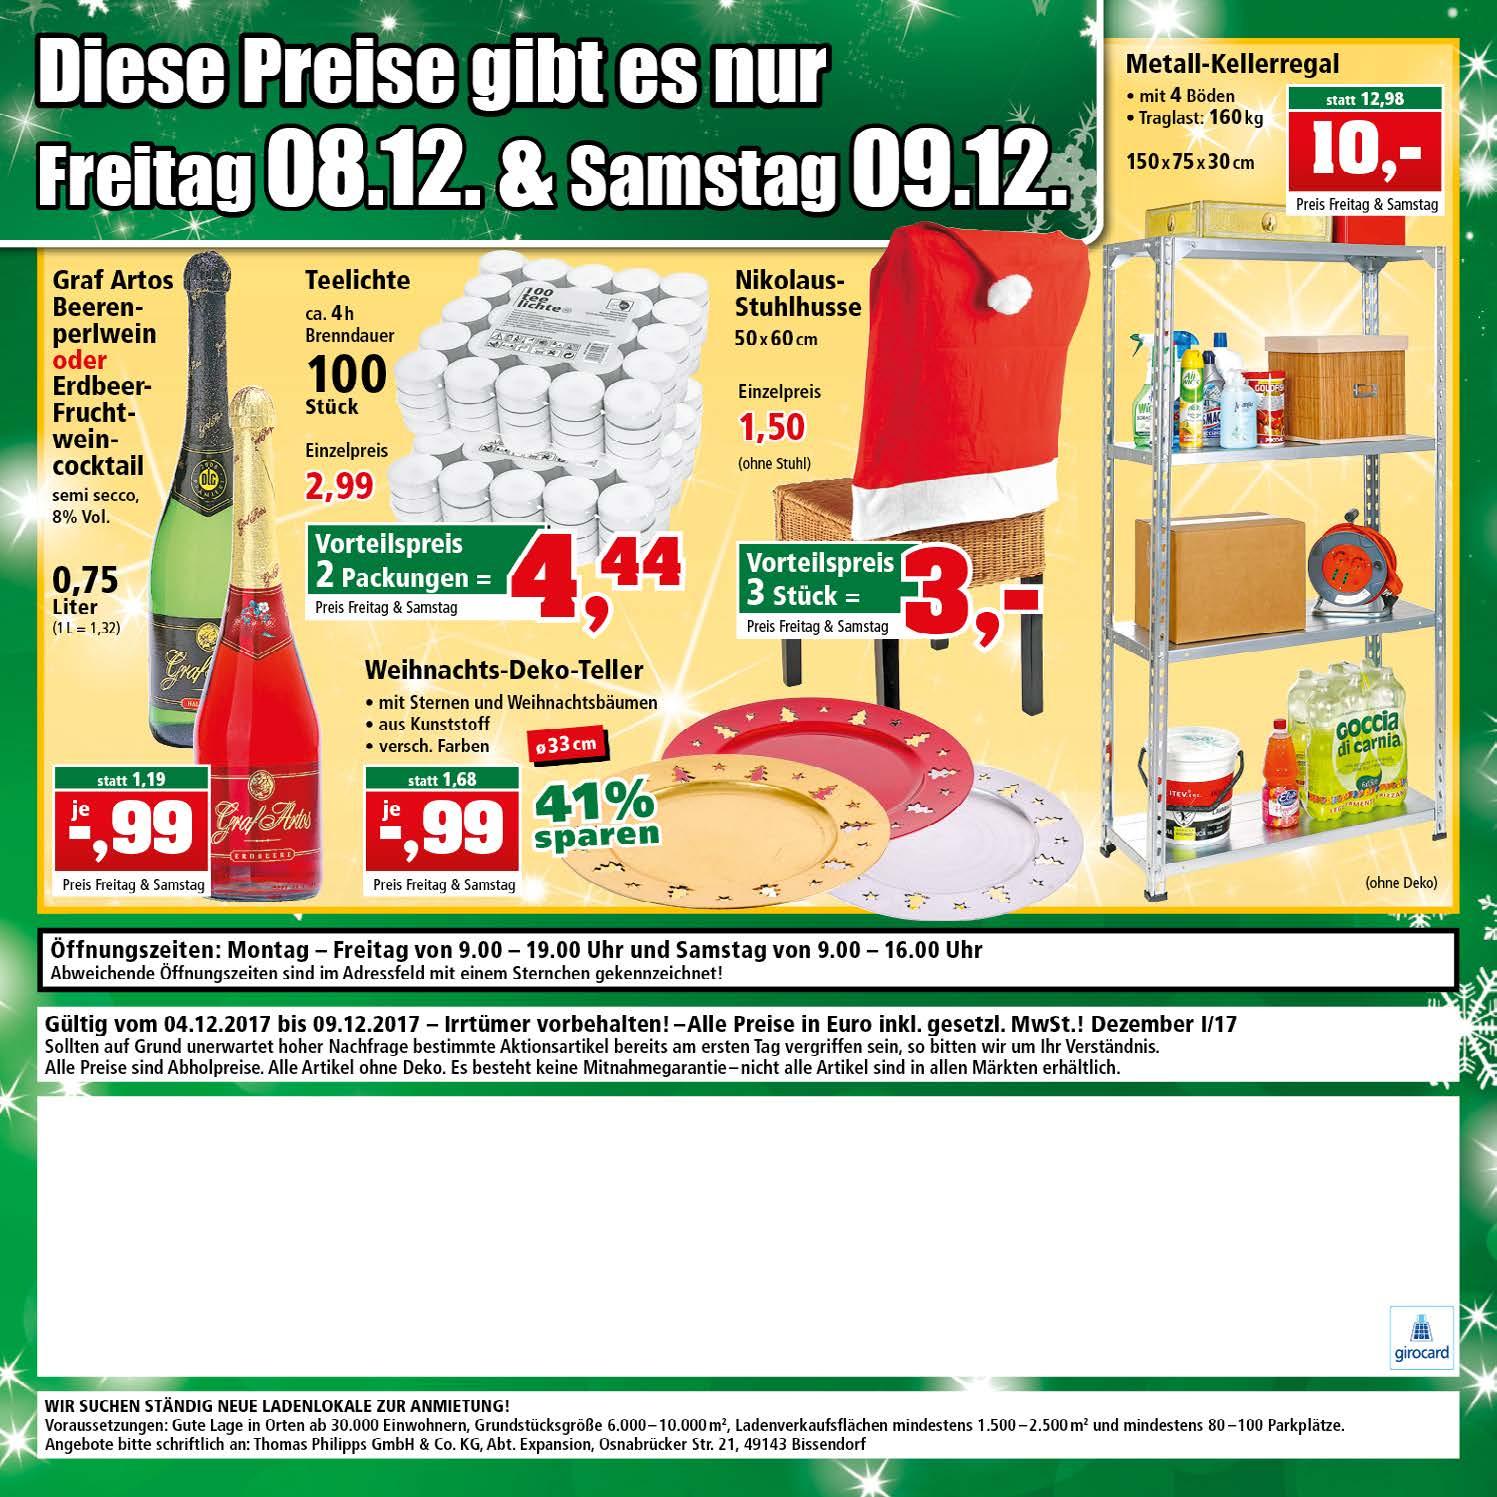 [Offline] Metall-Kellerregal für 10 € bei Thomas Philipps nur am Fr. 08.12. und Sa. 09.12.